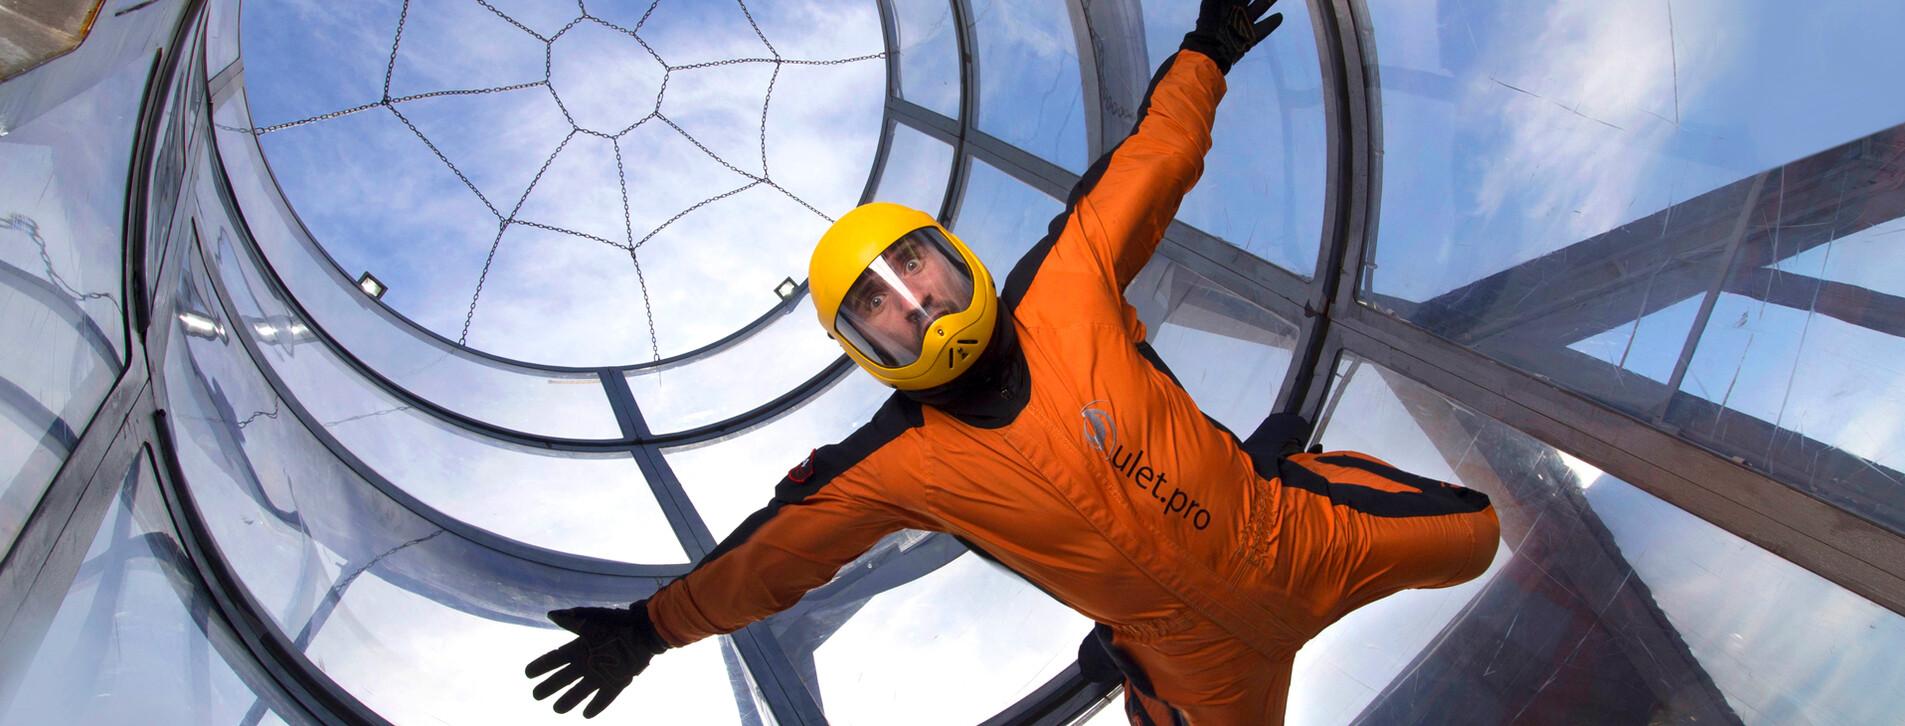 Фото 1 - Полет в аэротрубе для компании